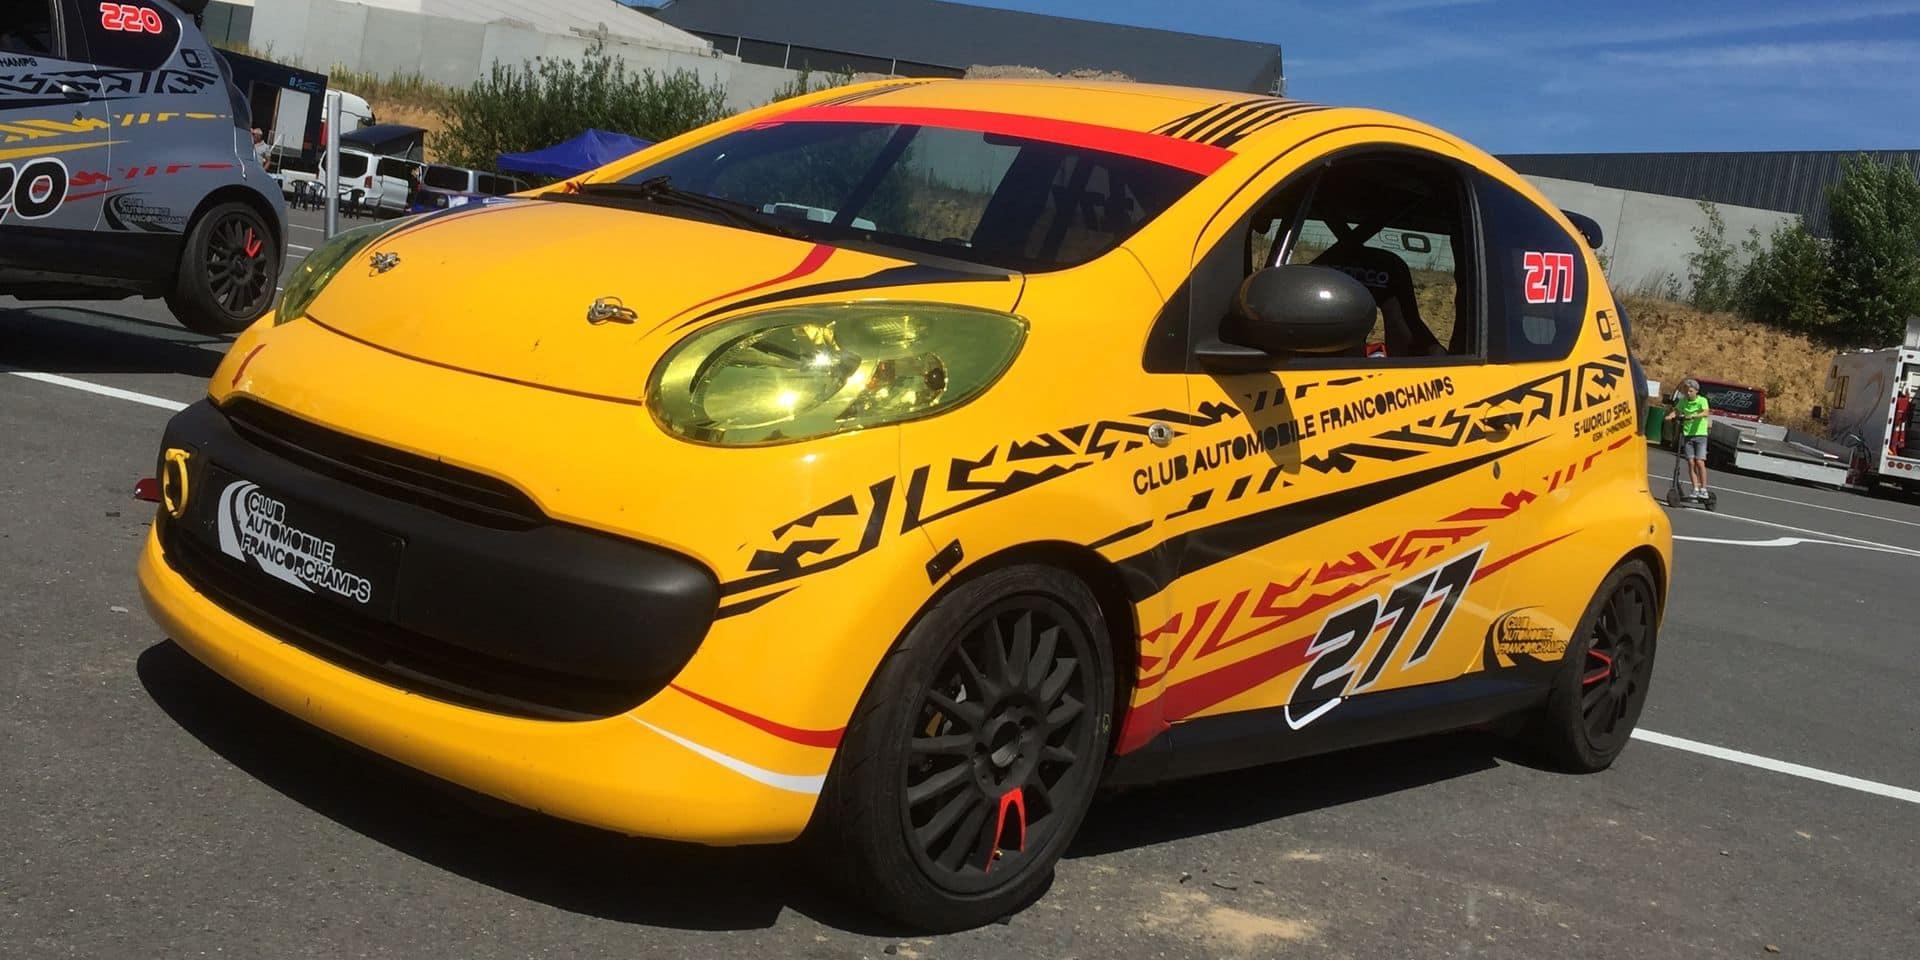 C1 Racing Cup: De la course automobile pour (vraiment) tout le monde!